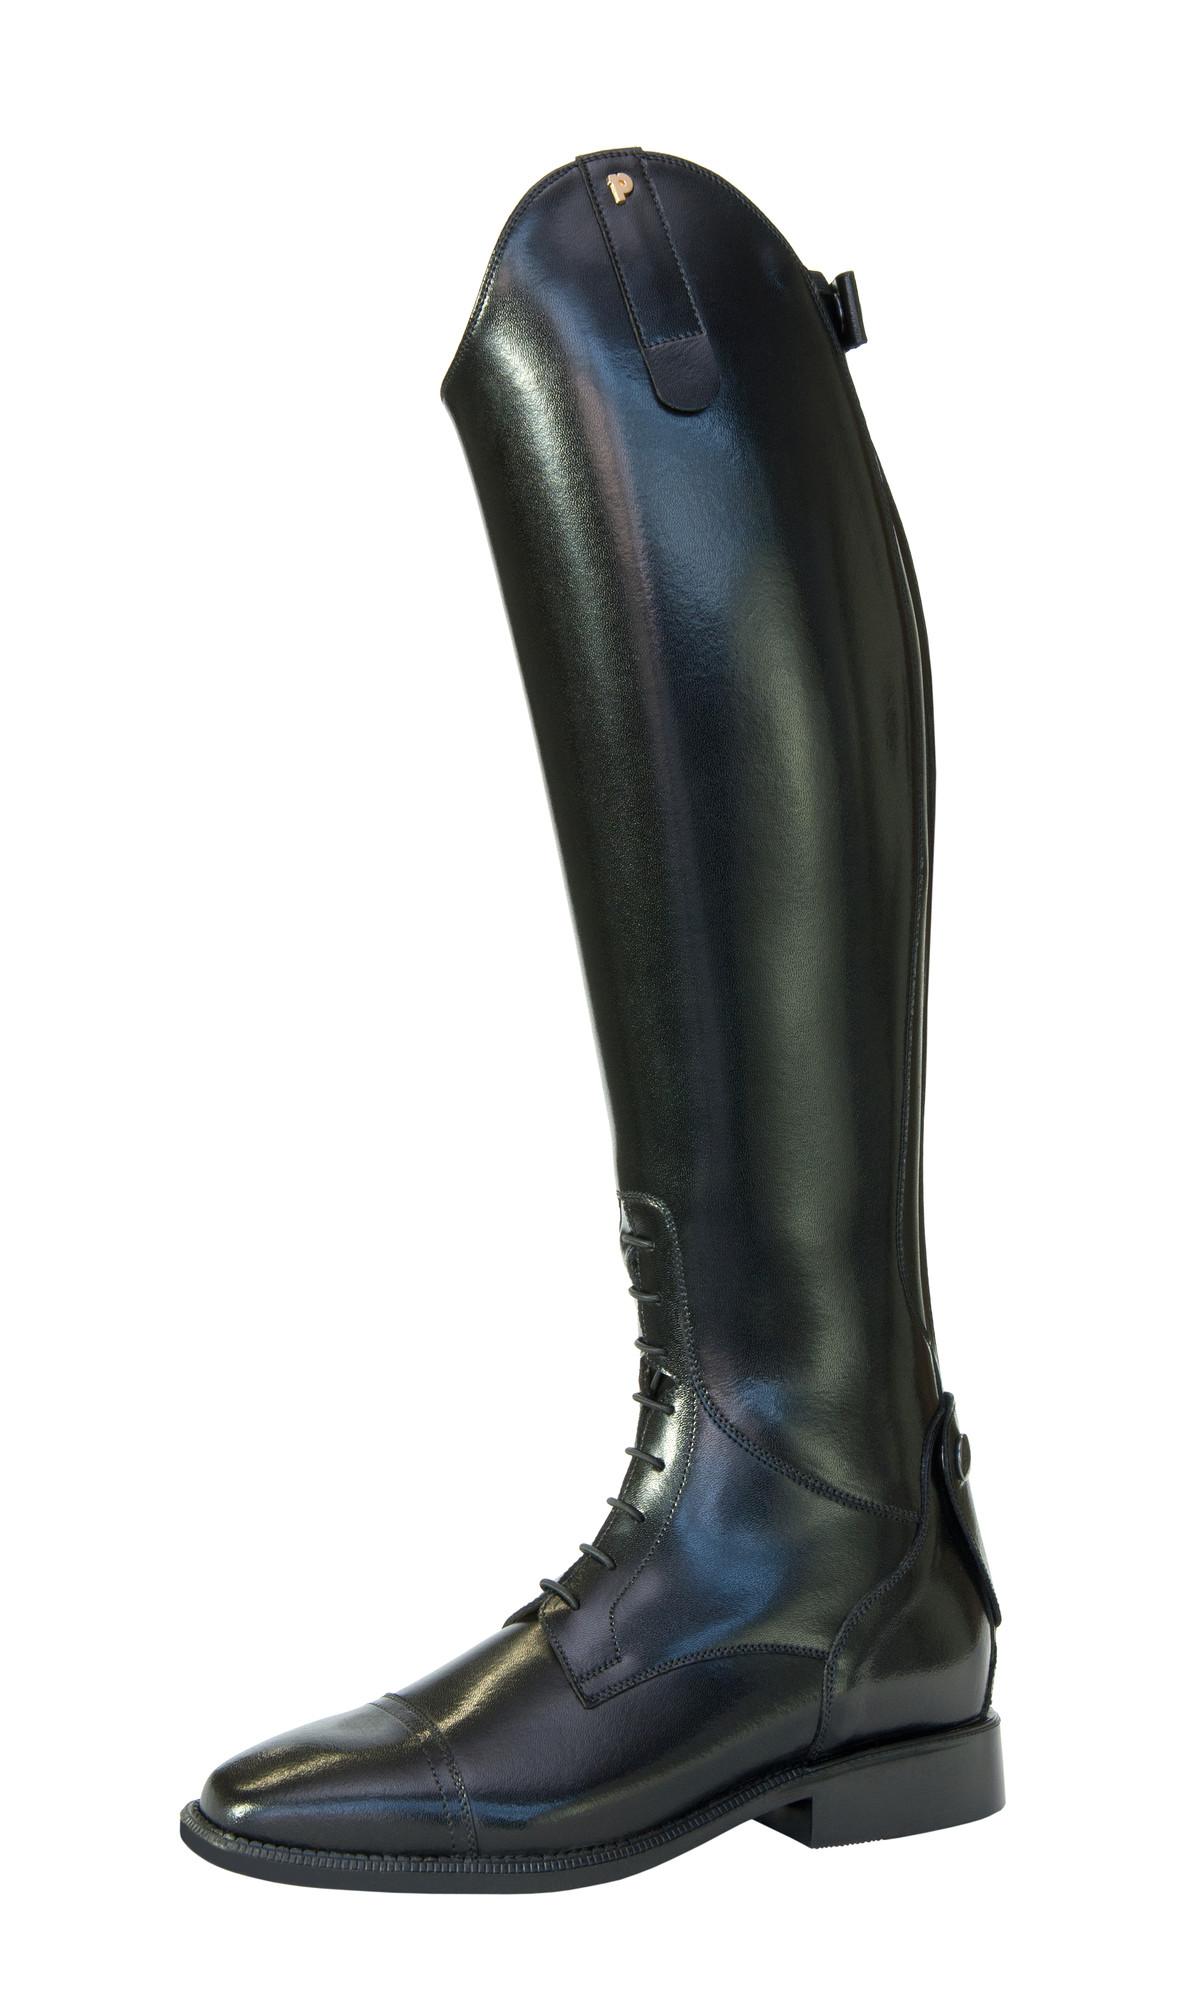 Petrie Melbourne rijlaars zwart maat:5.5 n